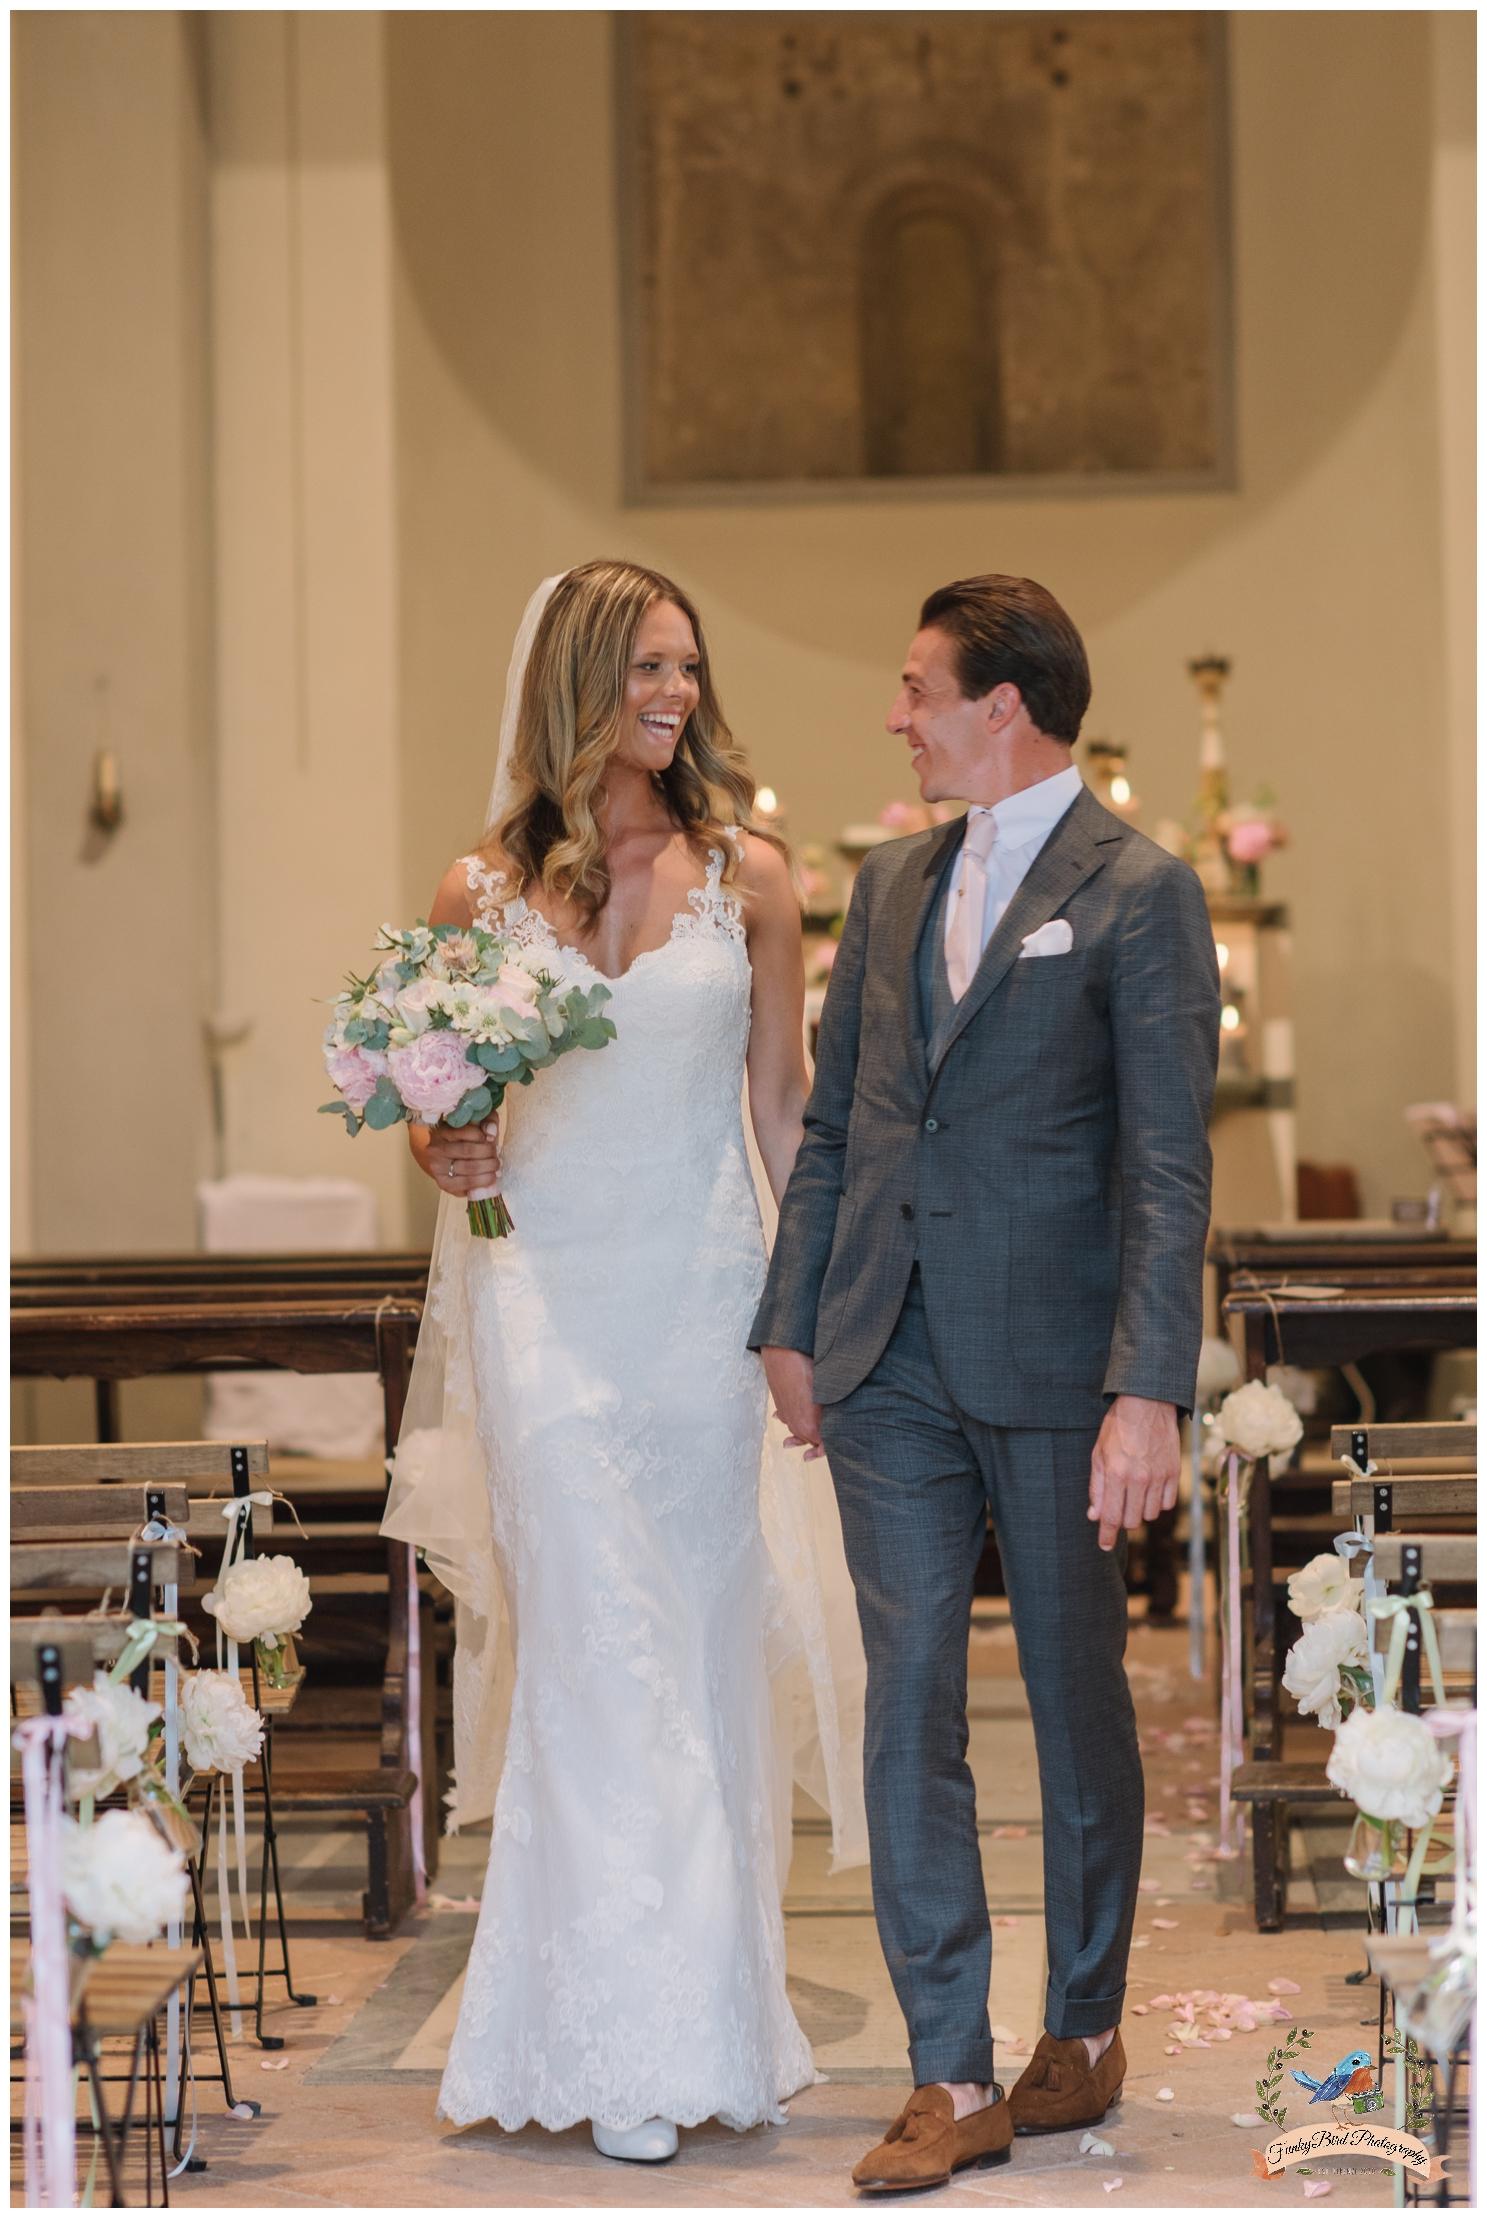 Wedding_Photographer_Tuscany_Florence_Italy_37.jpg